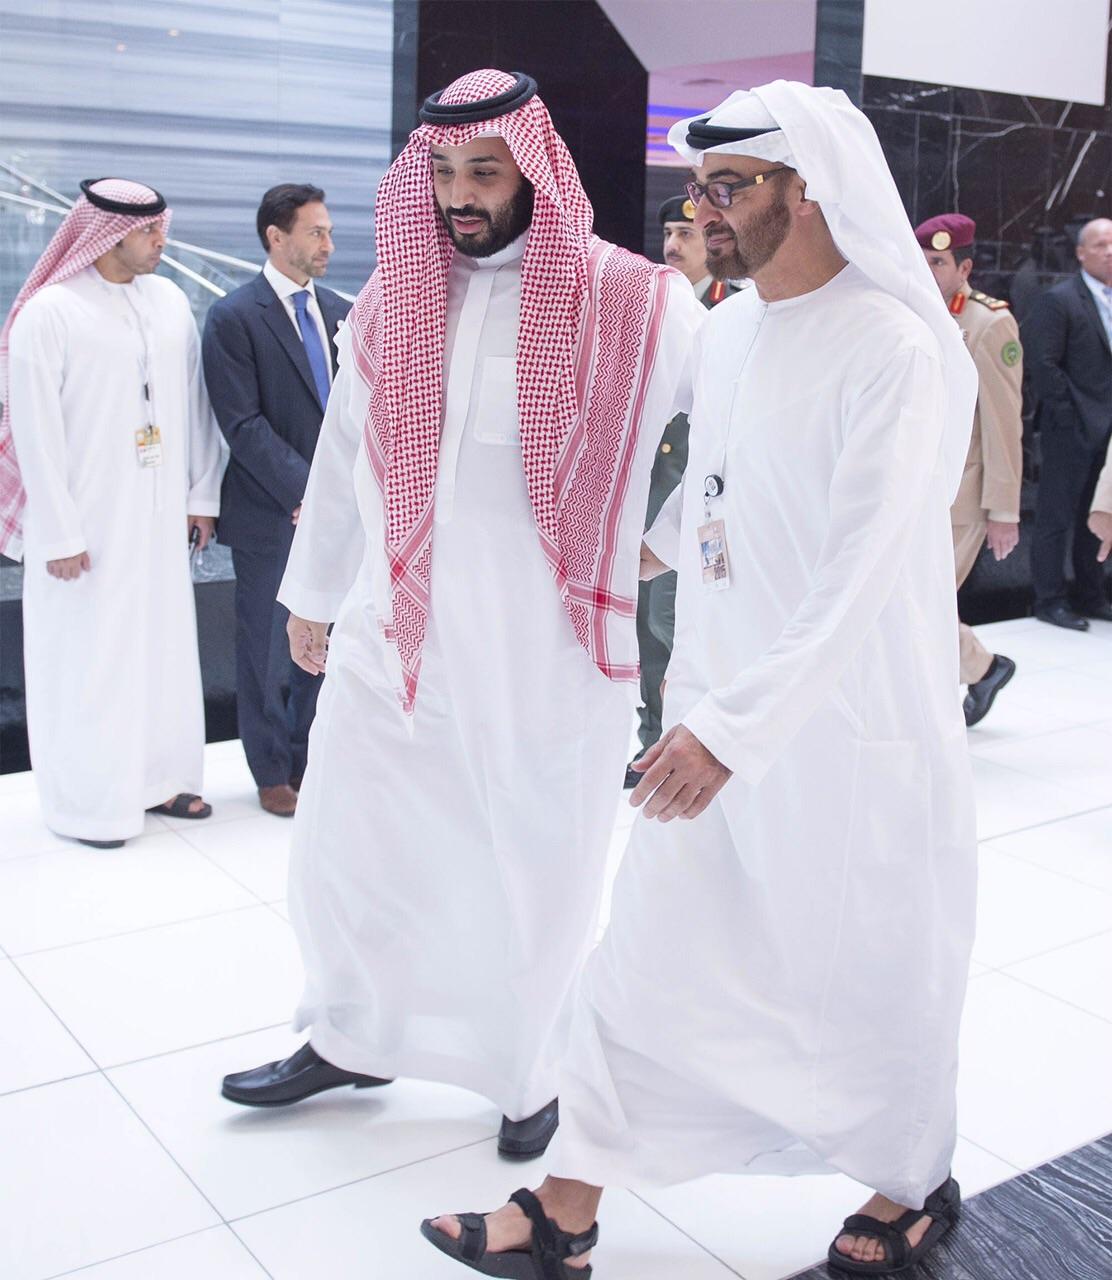 فرانس برس: الإمارات تفضل نجل صالح والسعودية تفضل الإصلاح